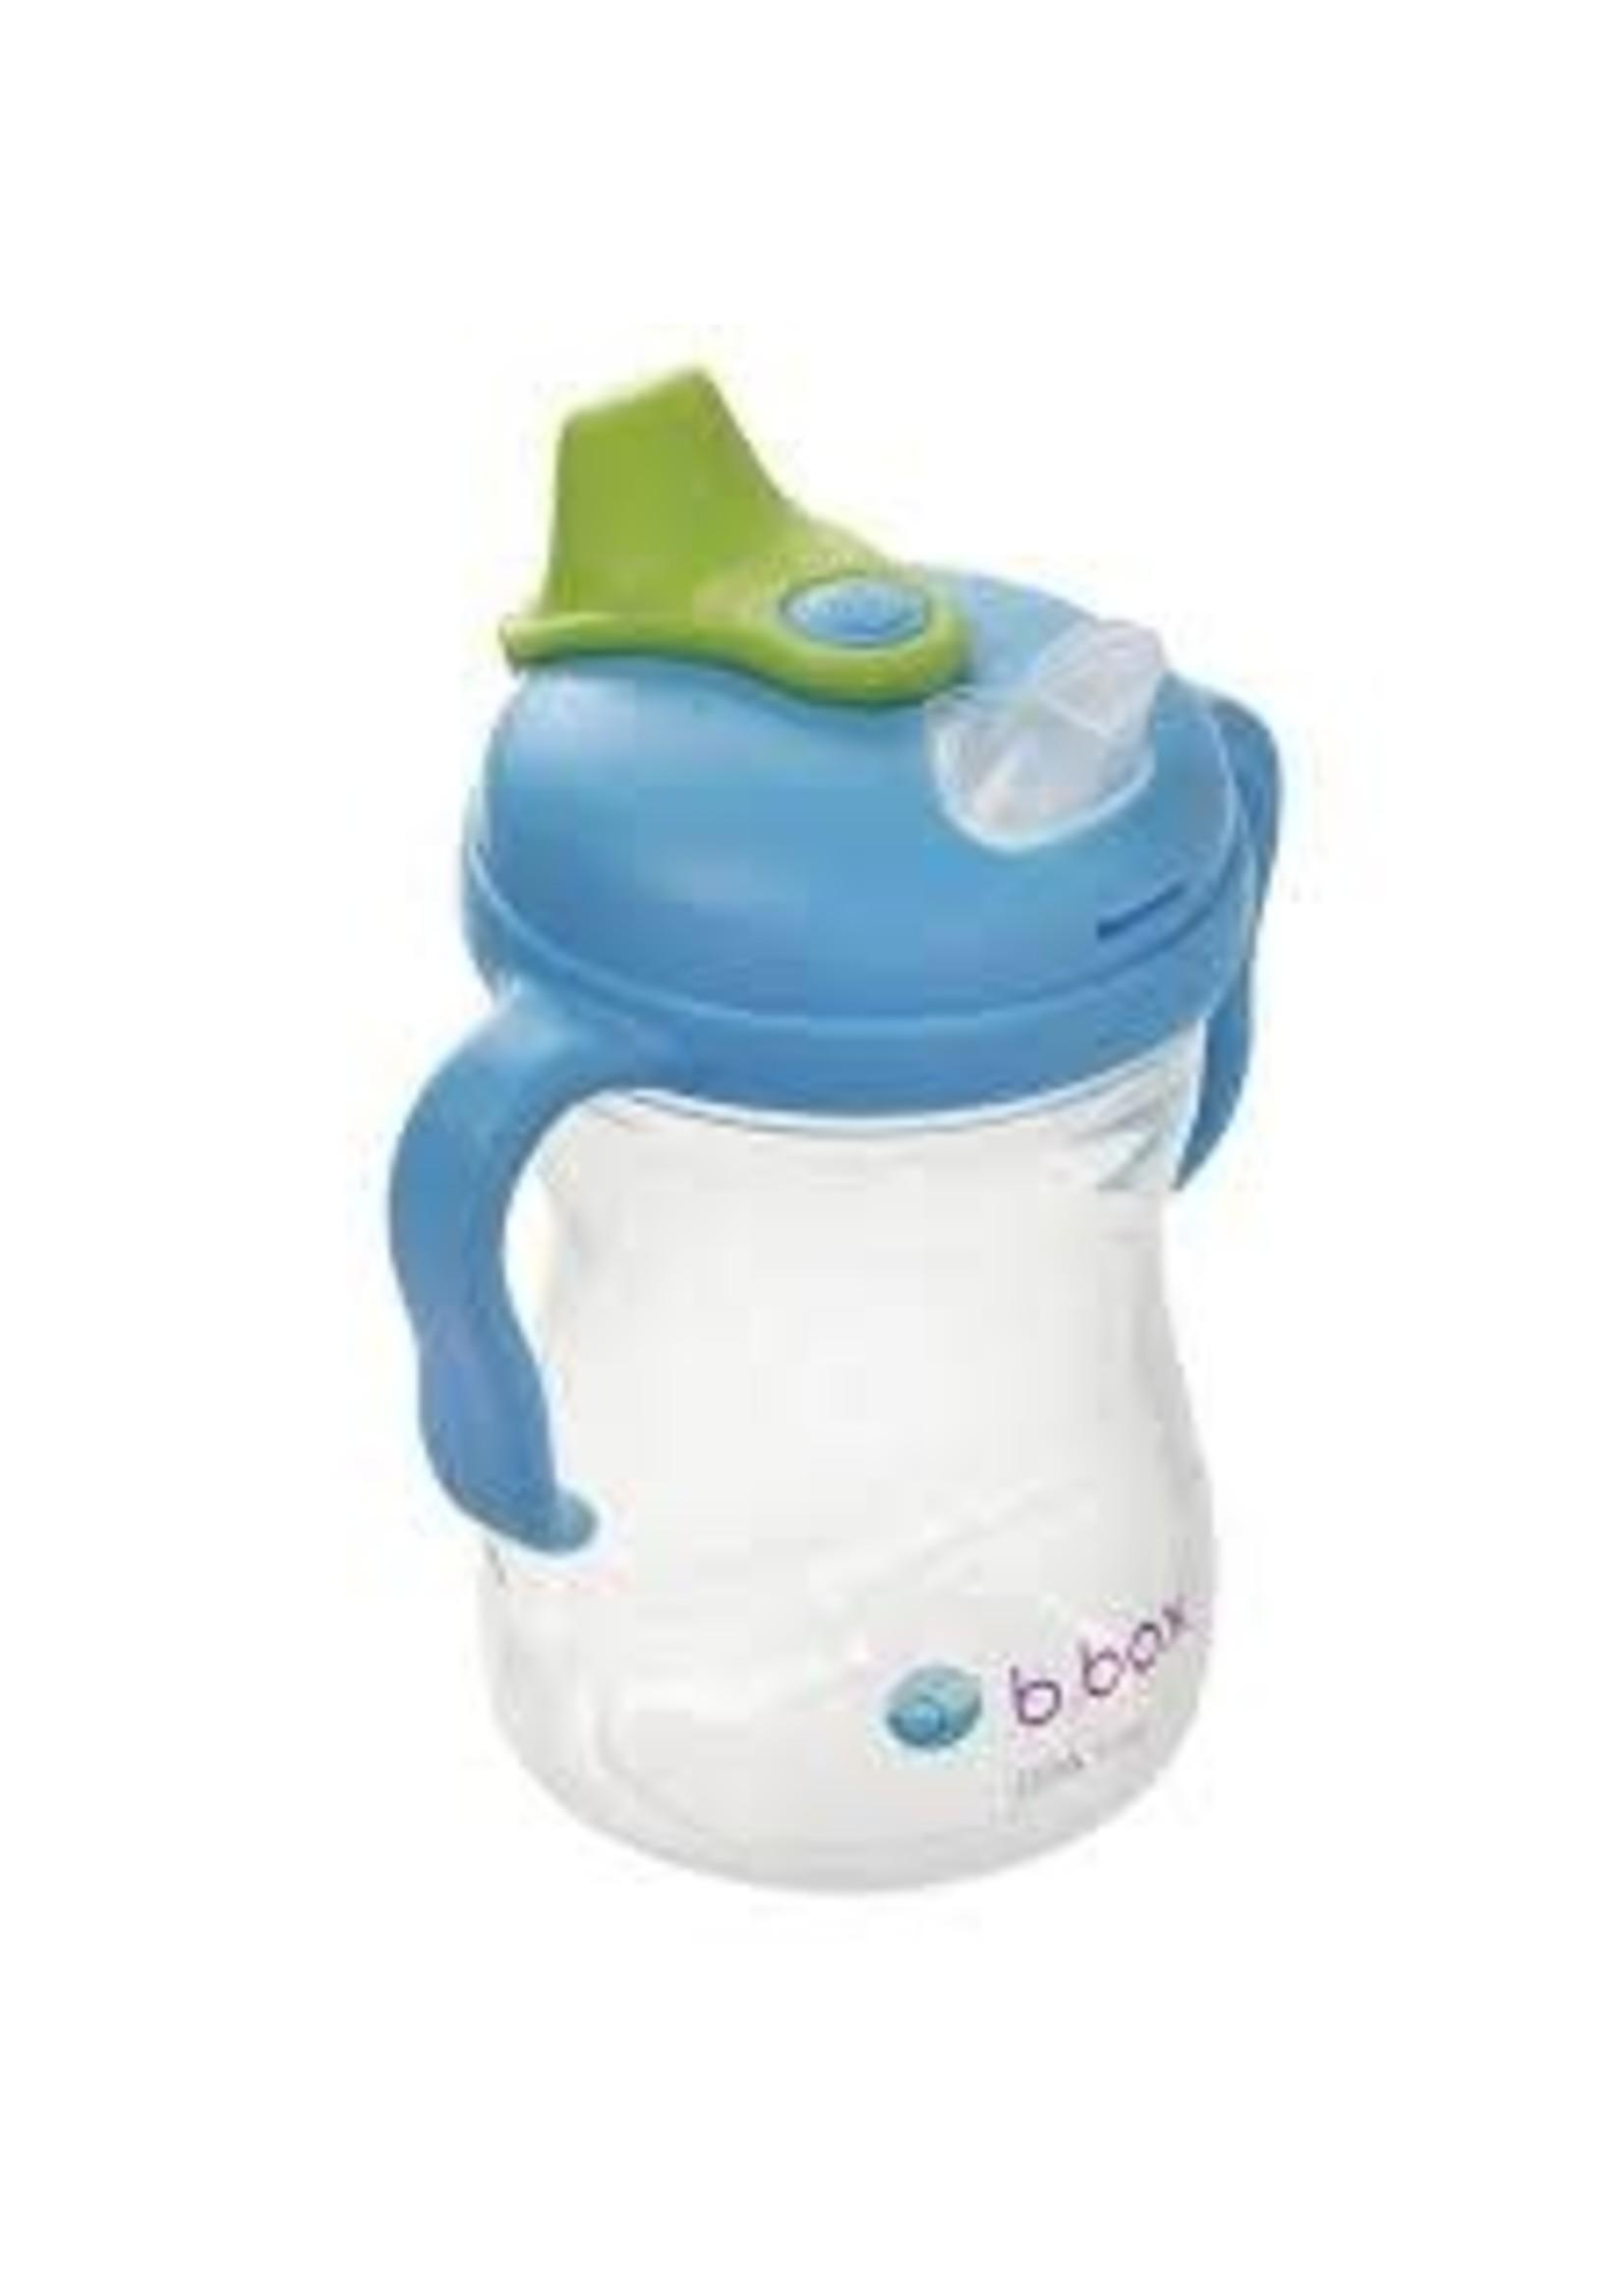 b.box b.box Spout Cup (Blueberry)